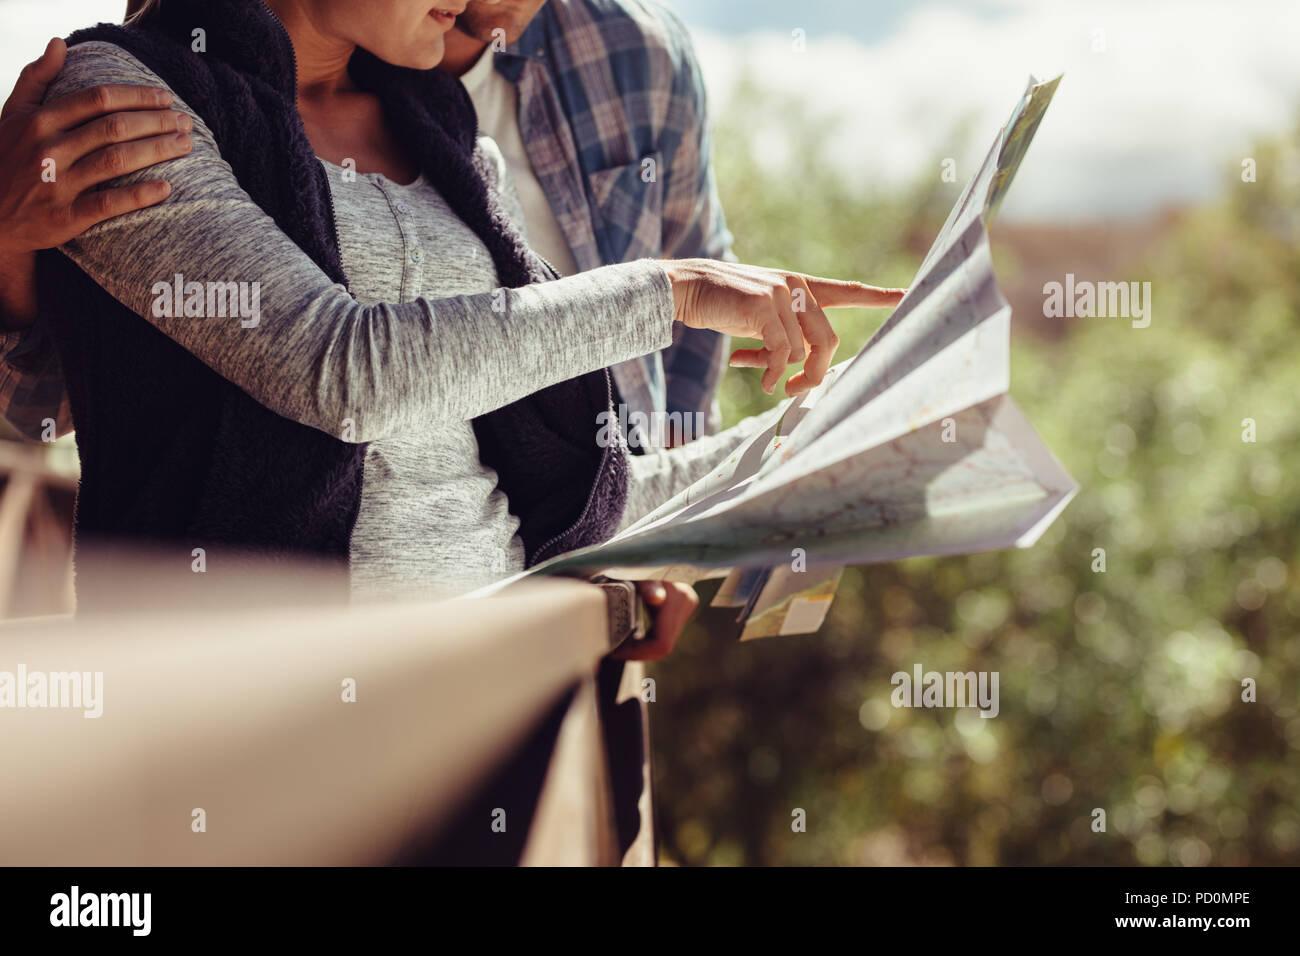 Mujer señalando en el mapa mientras está parado con su novio. Pareja buscando destino en el mapa. Imagen De Stock